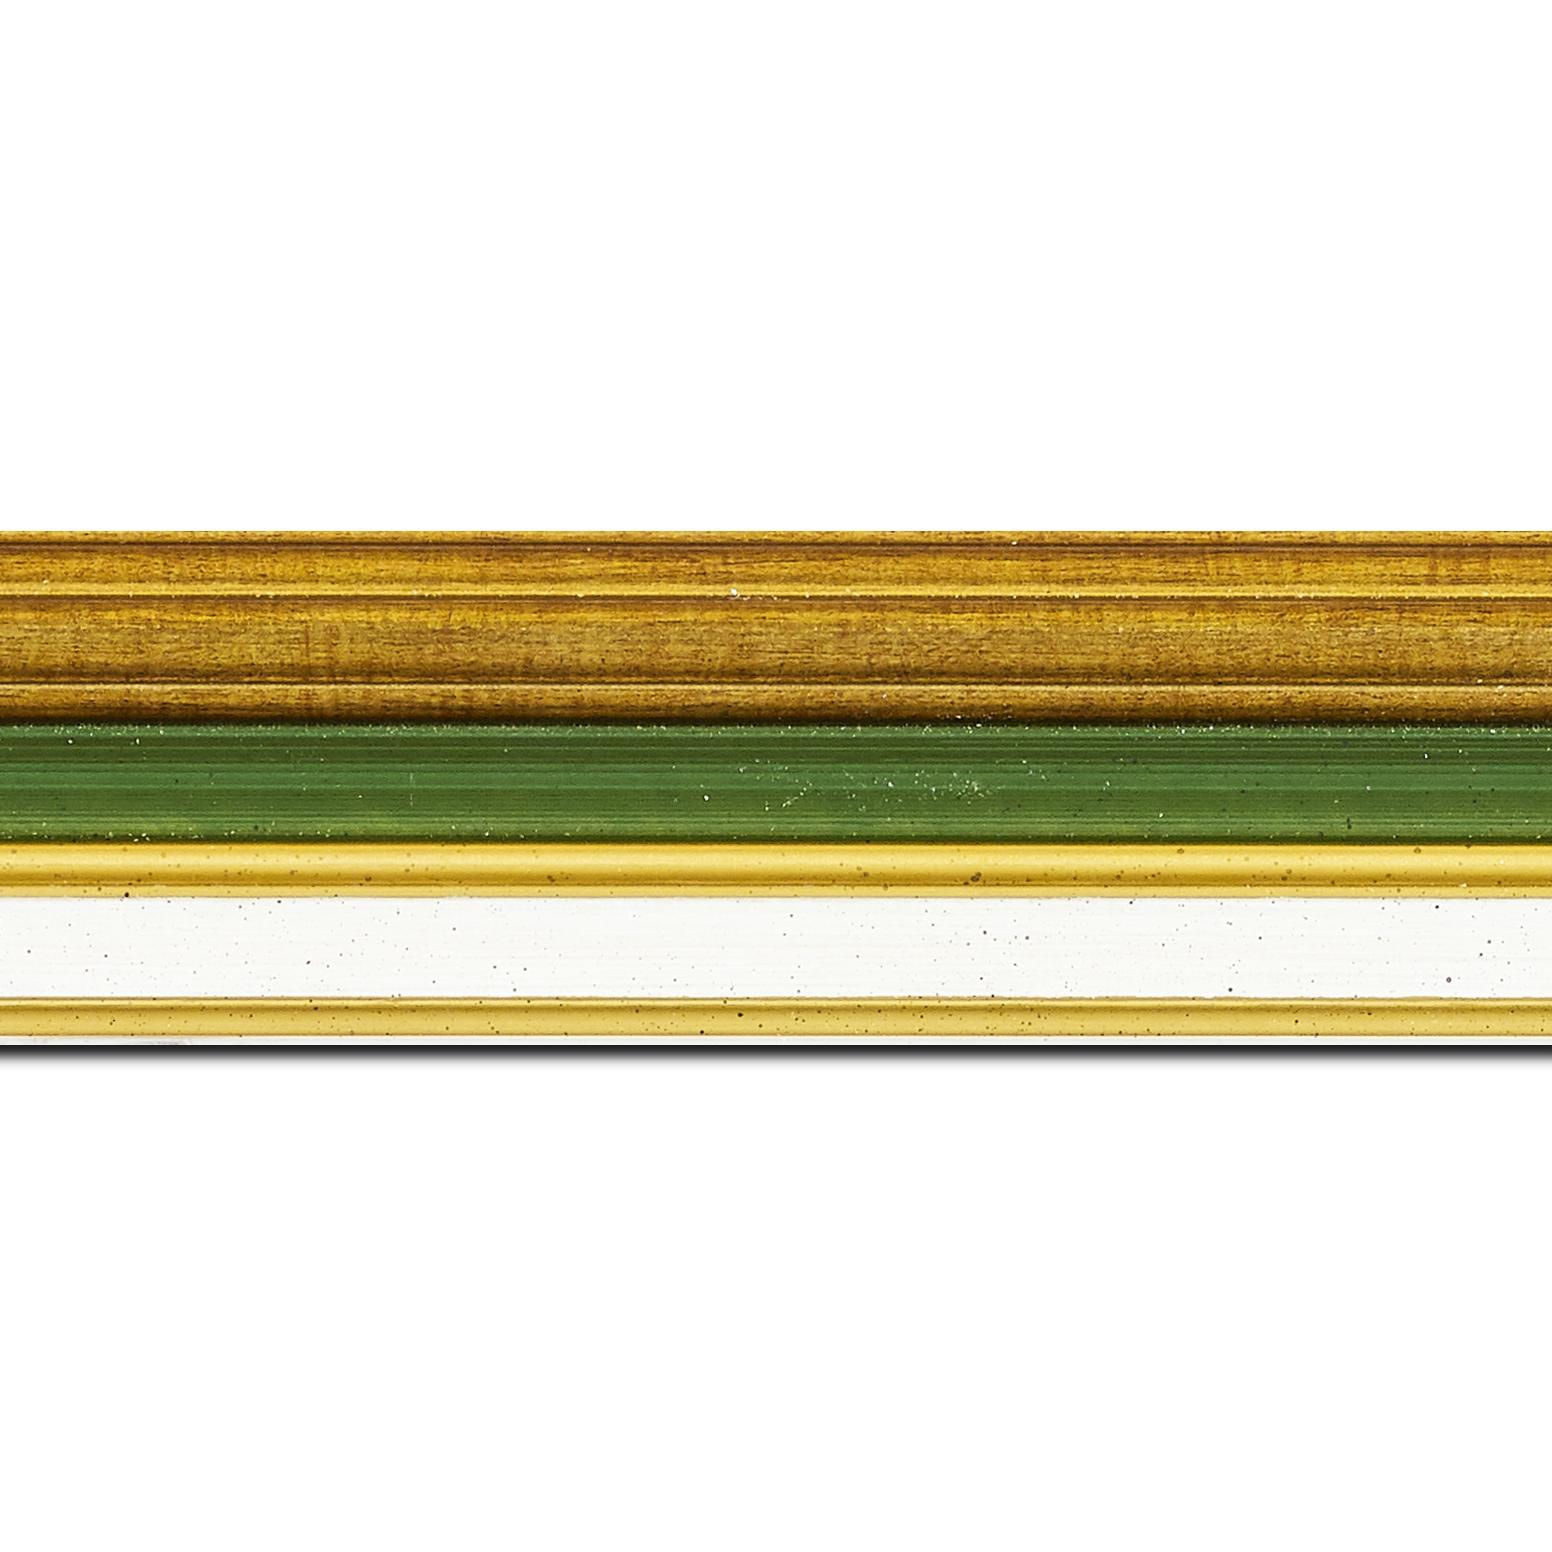 Baguette longueur 1.40m bois largeur 5.2cm or gorge verte  marie louise crème filet or intégrée